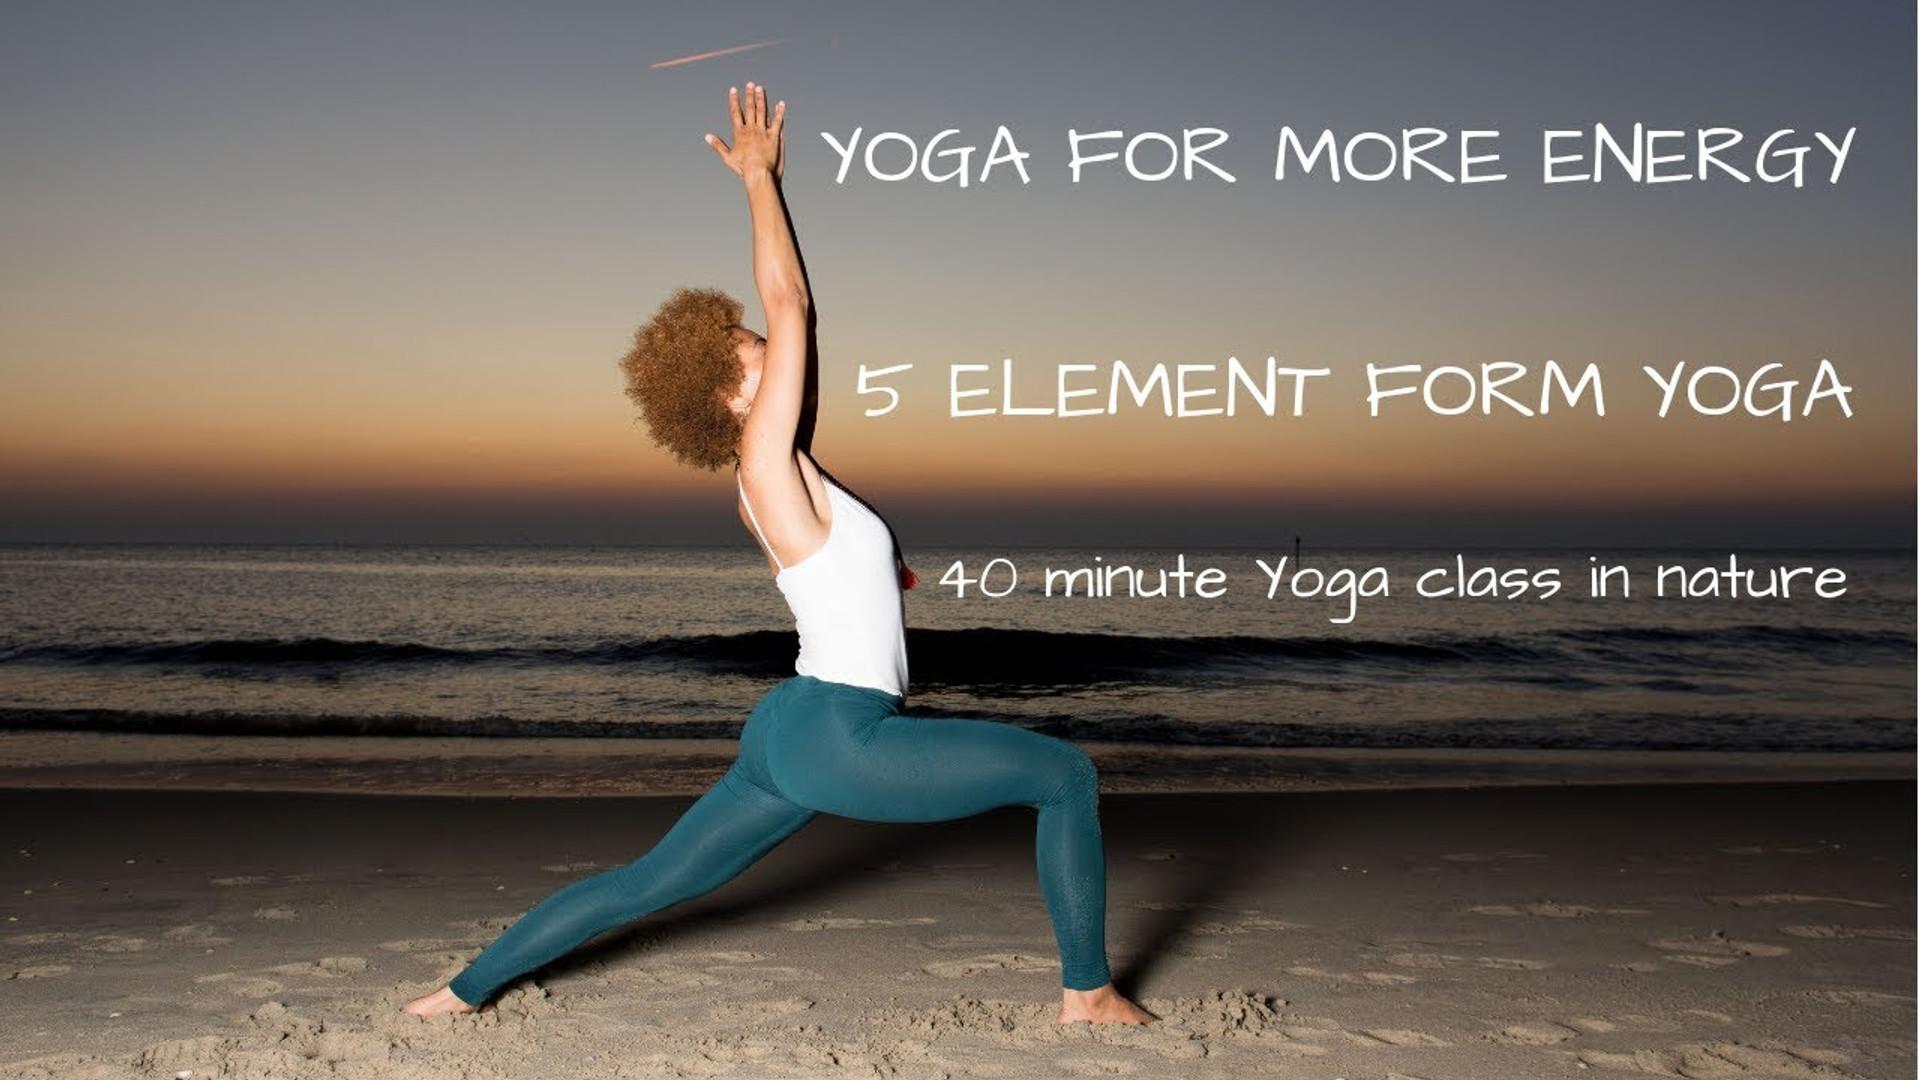 5 Element Form Yoga